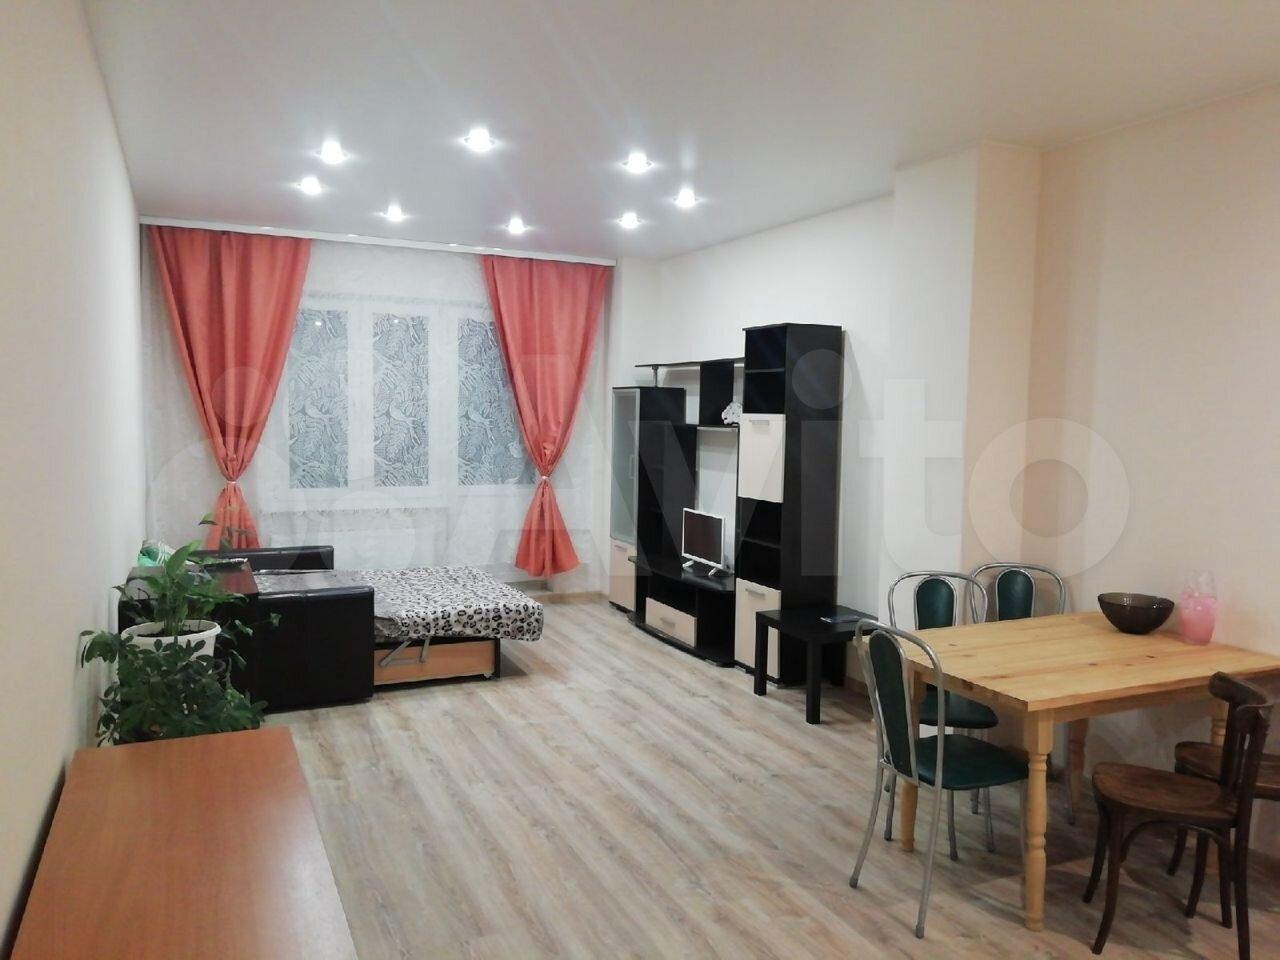 2-к квартира, 61 м², 14/25 эт.  89965027424 купить 1